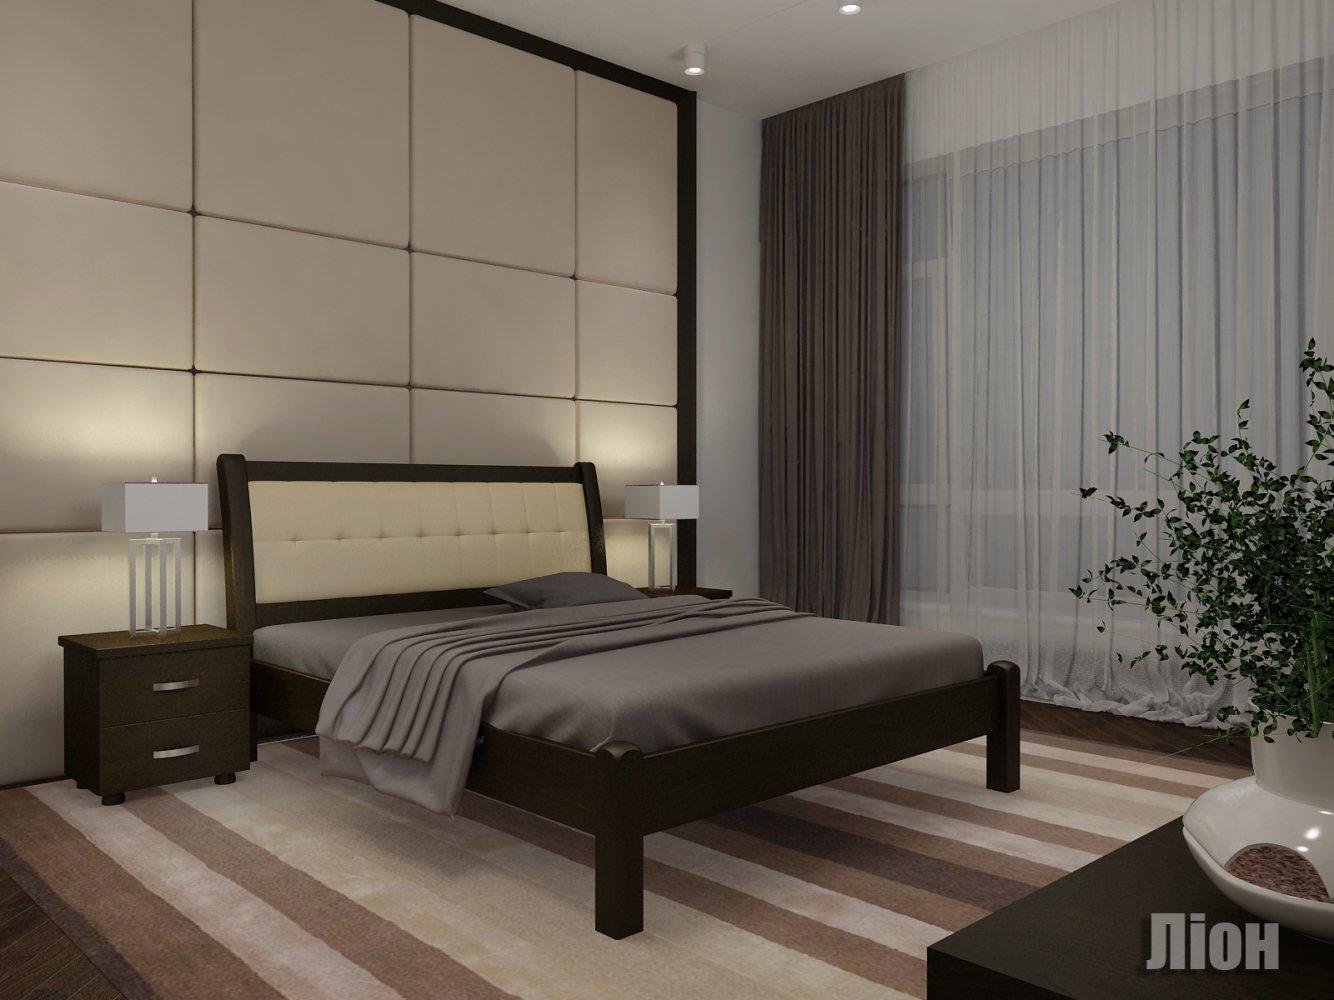 Кровать Лион + Подъемник 5